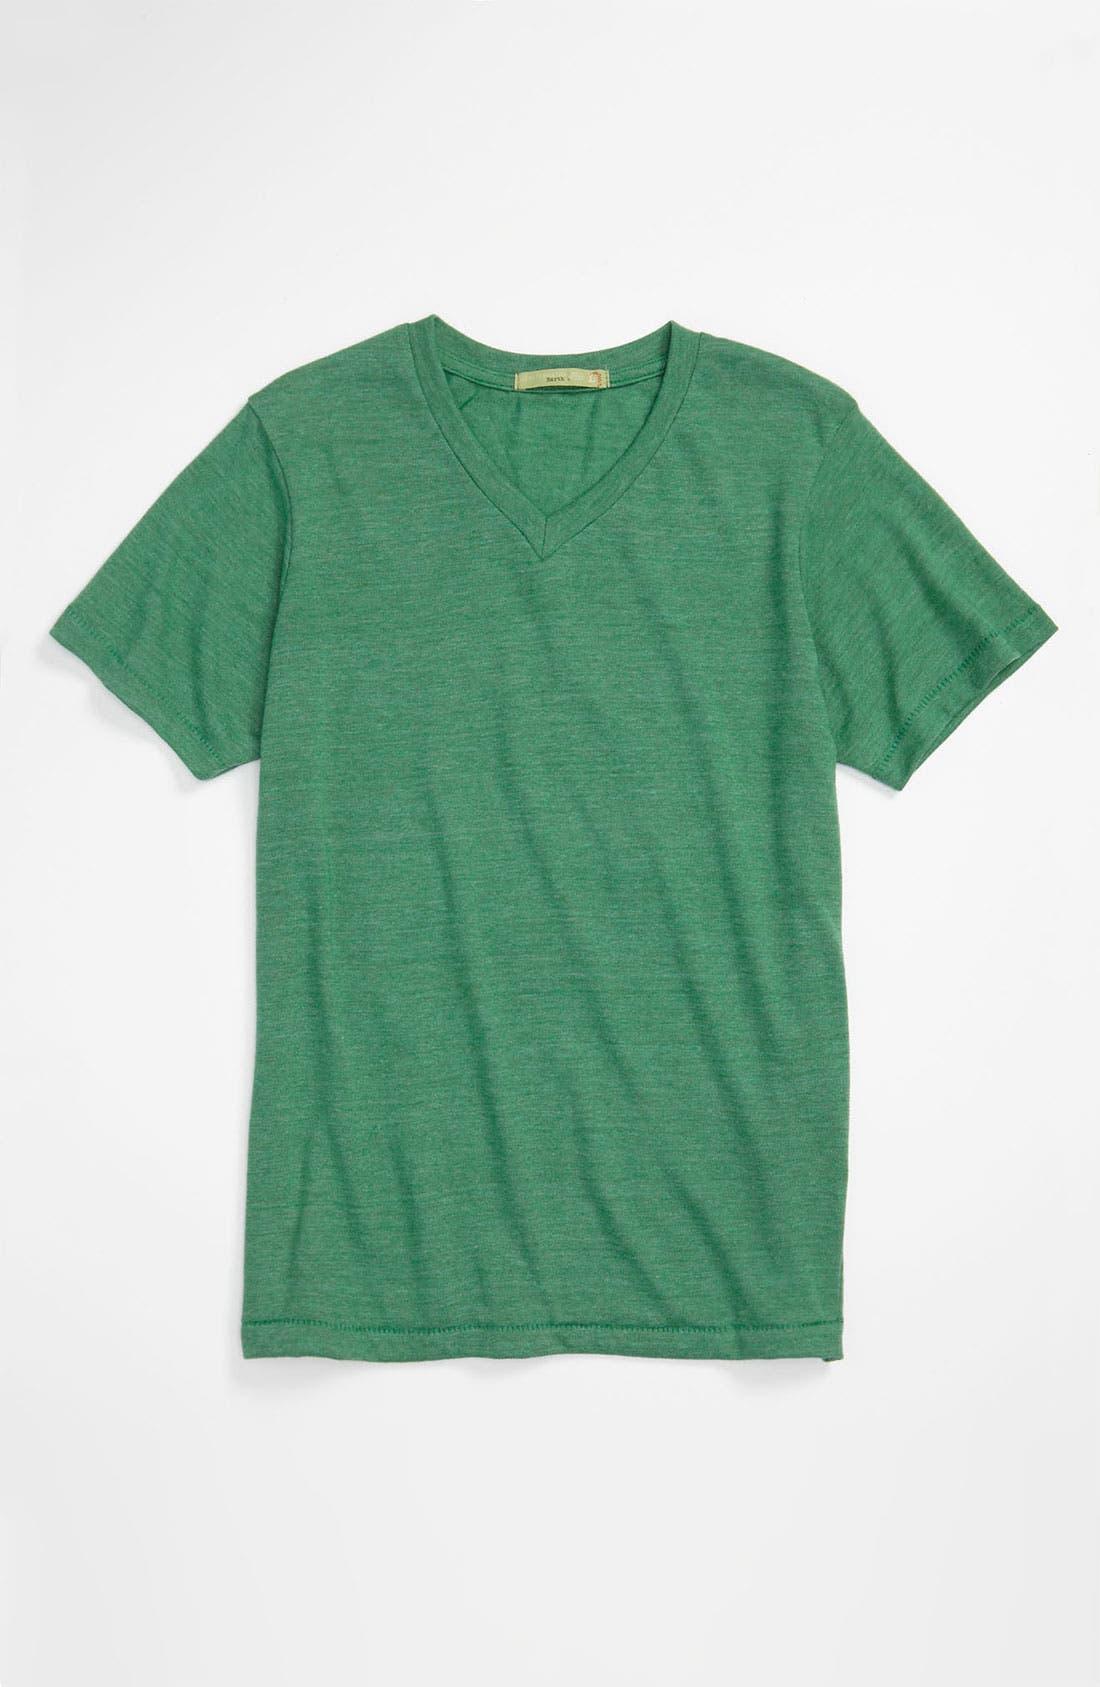 Alternate Image 1 Selected - Alternative 'Boss' V-Neck T-Shirt (Little Boys & Big Boys)